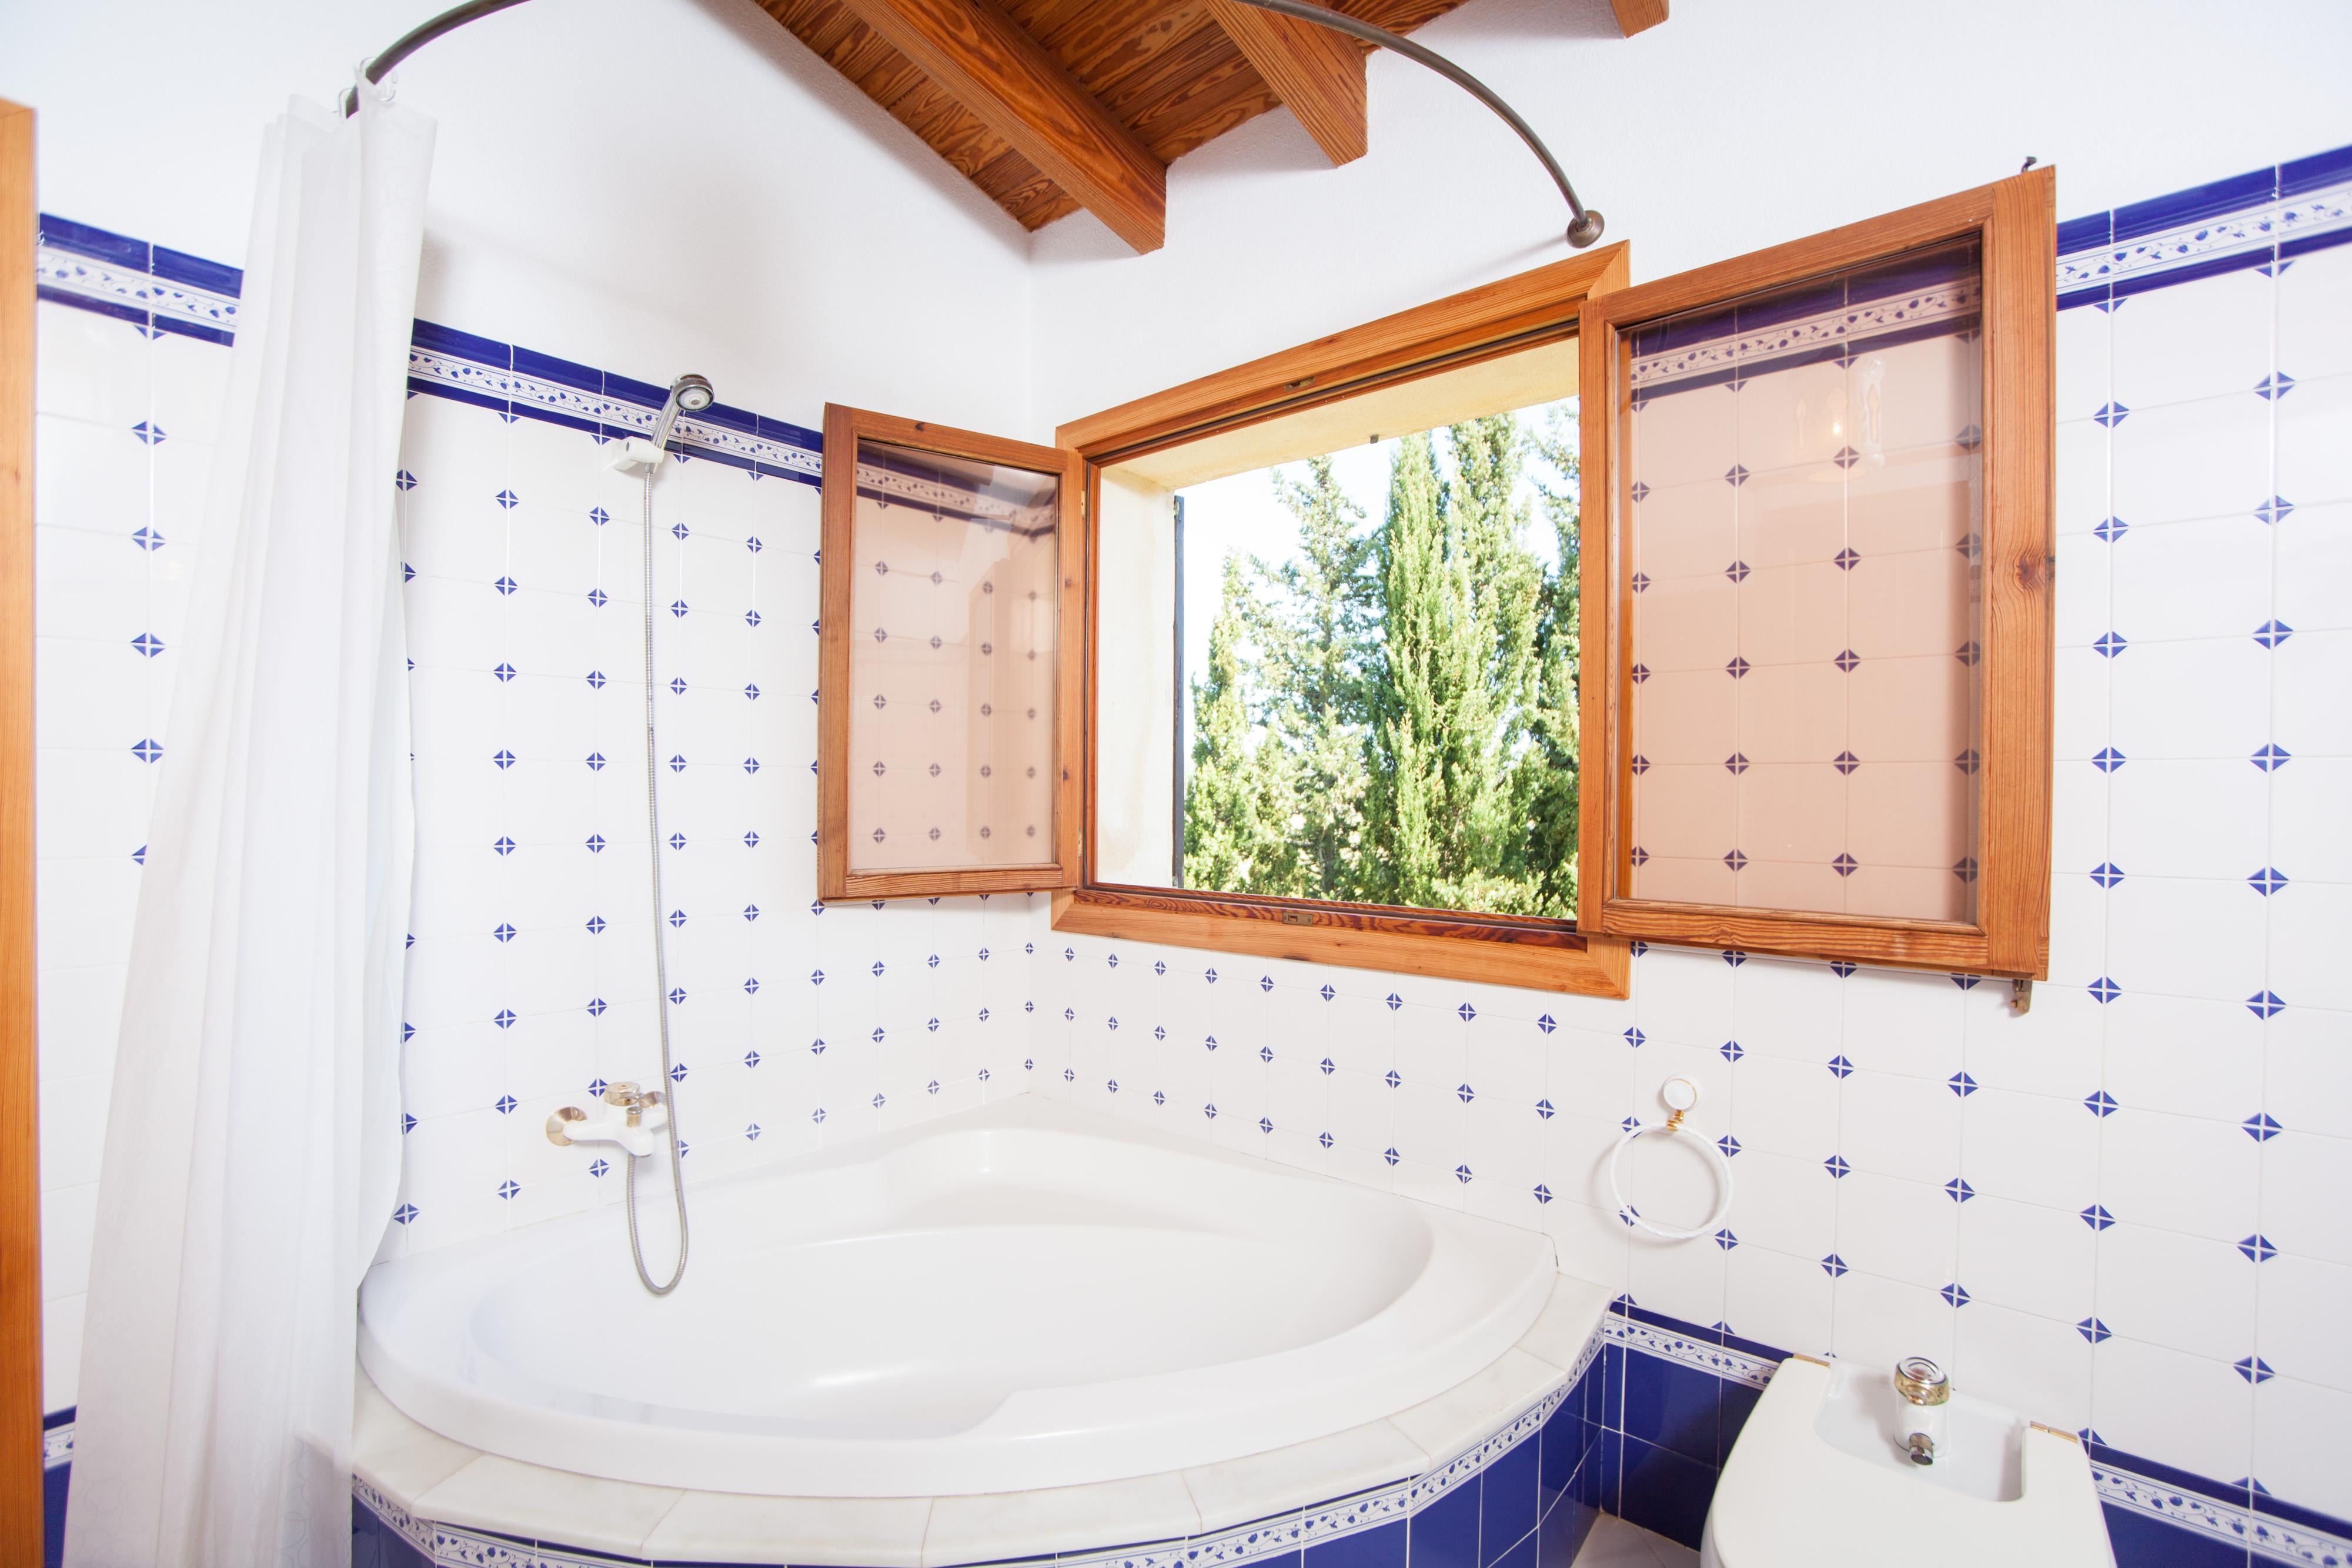 Ferienhaus SOS MONJOS (2177982), Arta, Mallorca, Balearische Inseln, Spanien, Bild 27